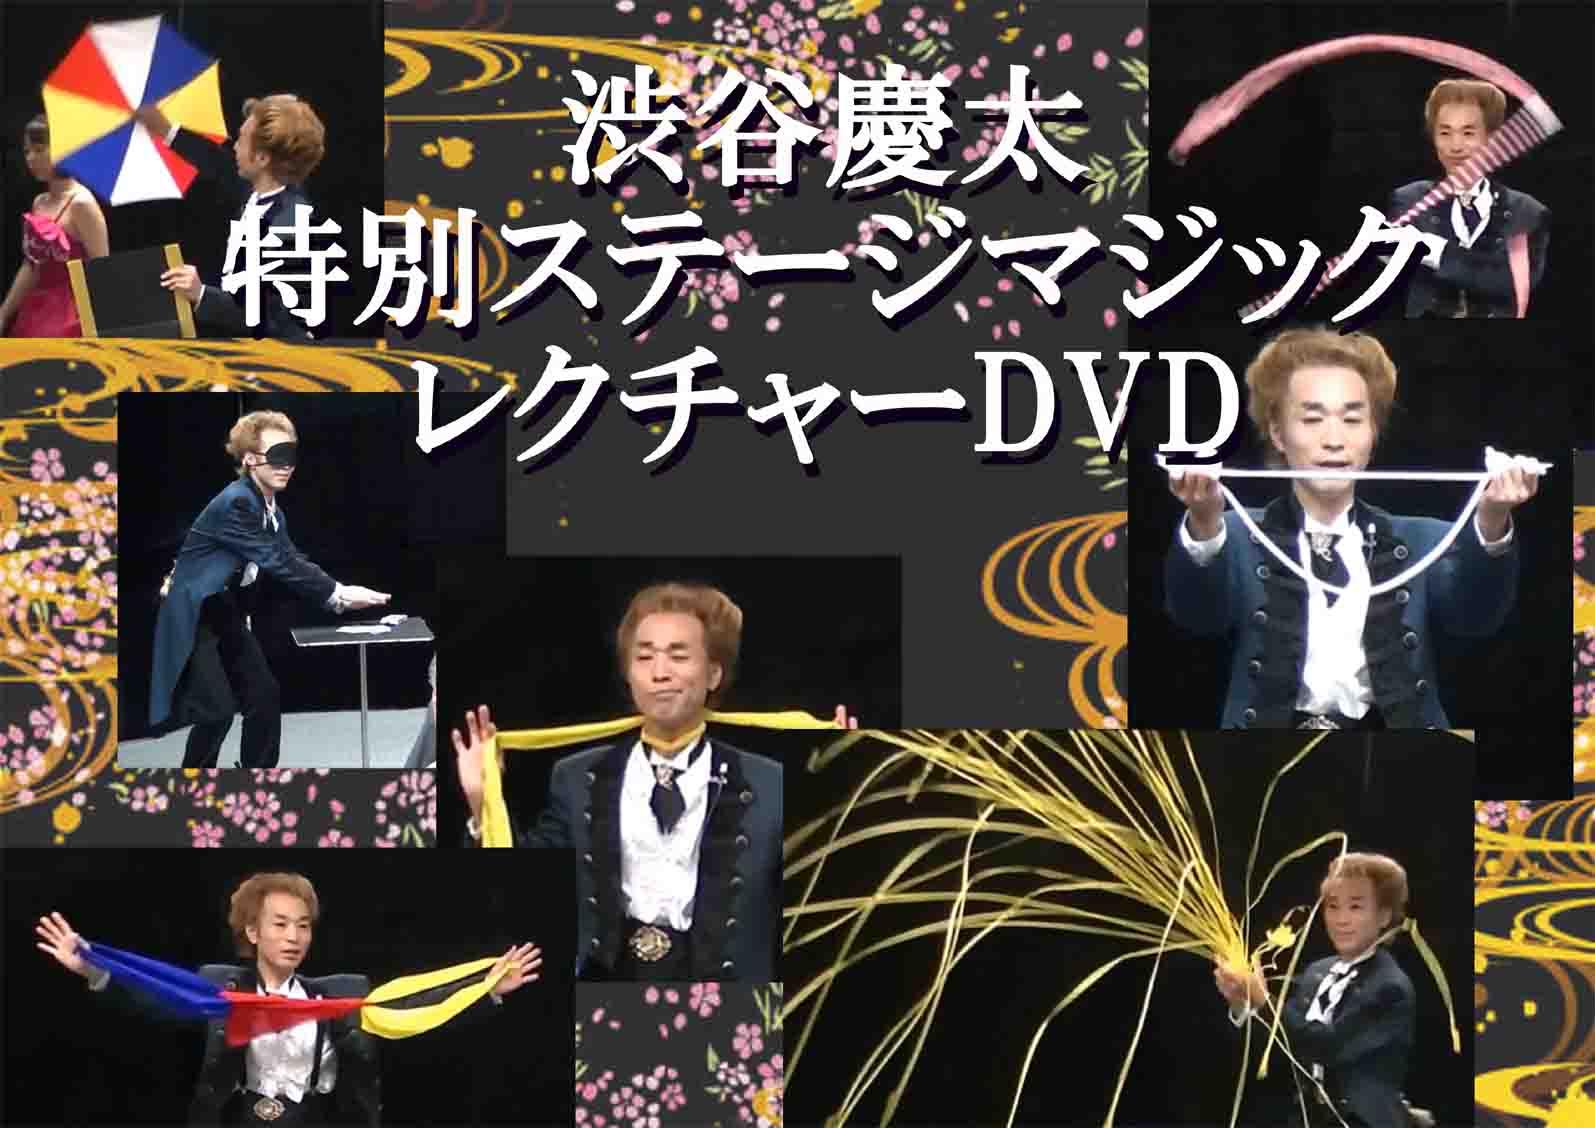 渋谷慶太 特別ステージレクチャーDVD(2枚組DVD)